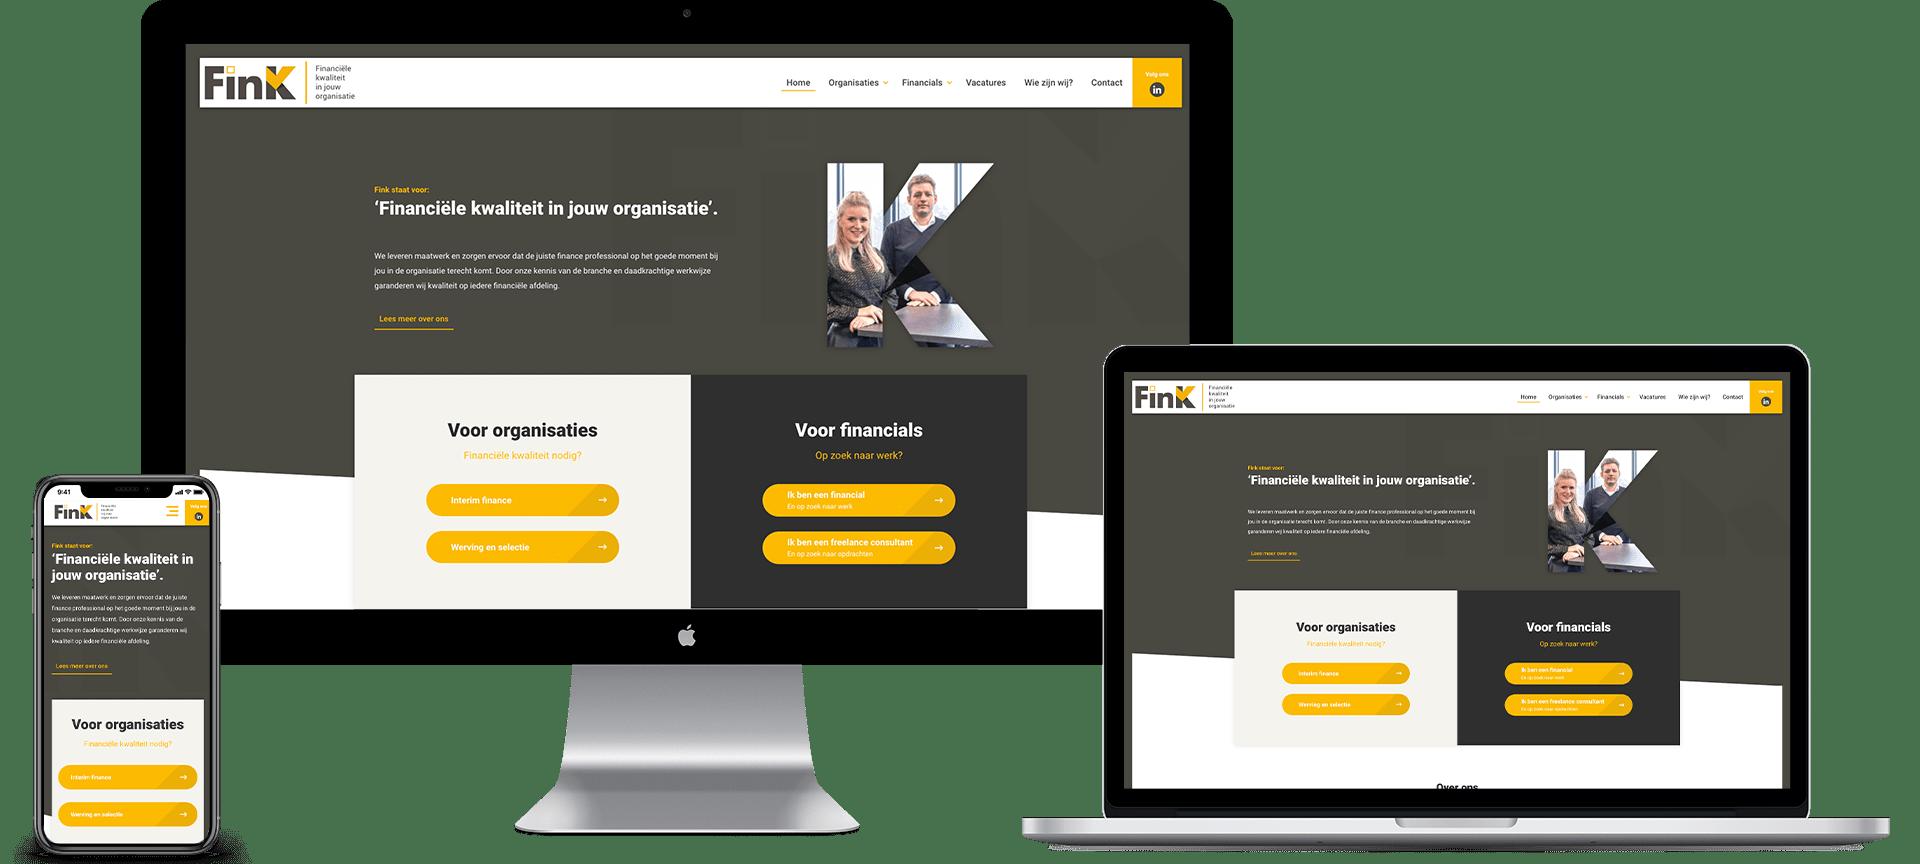 Mock-ups op iMac, Macbook en iPhone van de homepage van de nieuwe FinK website over financiële kwaliteit.